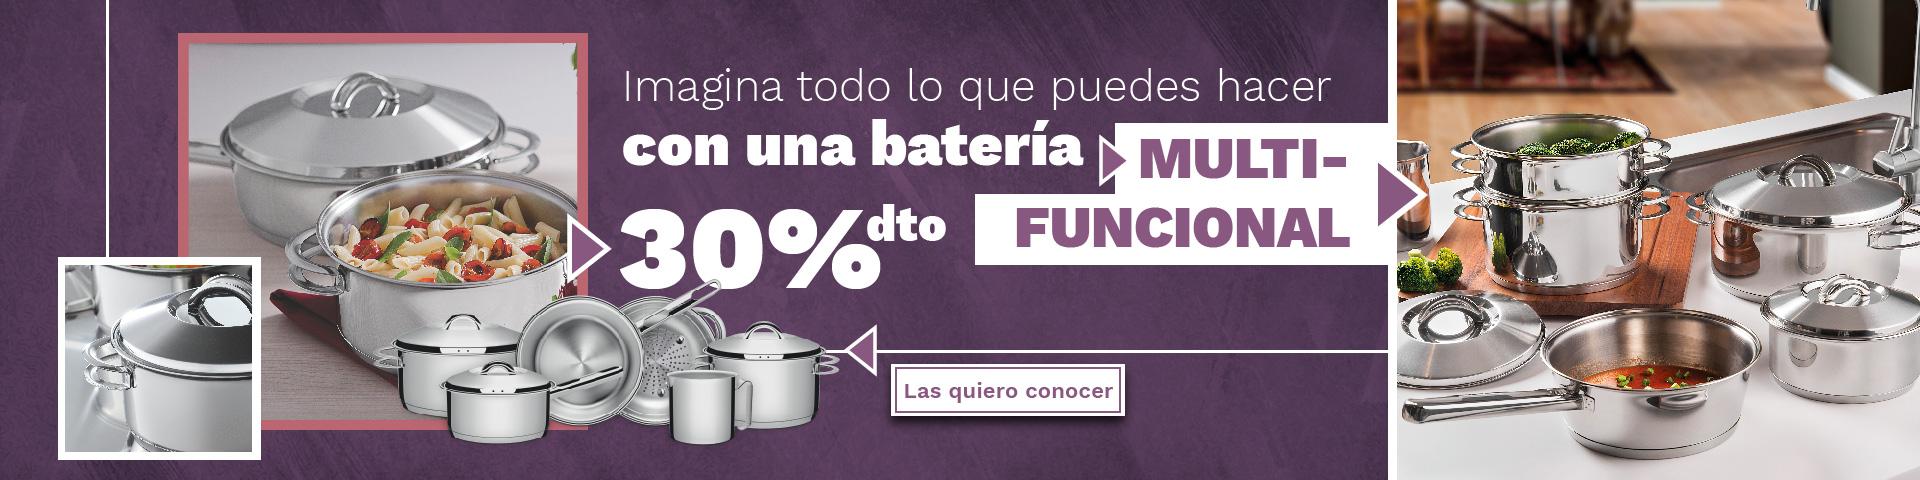 Baterias Multifuncional